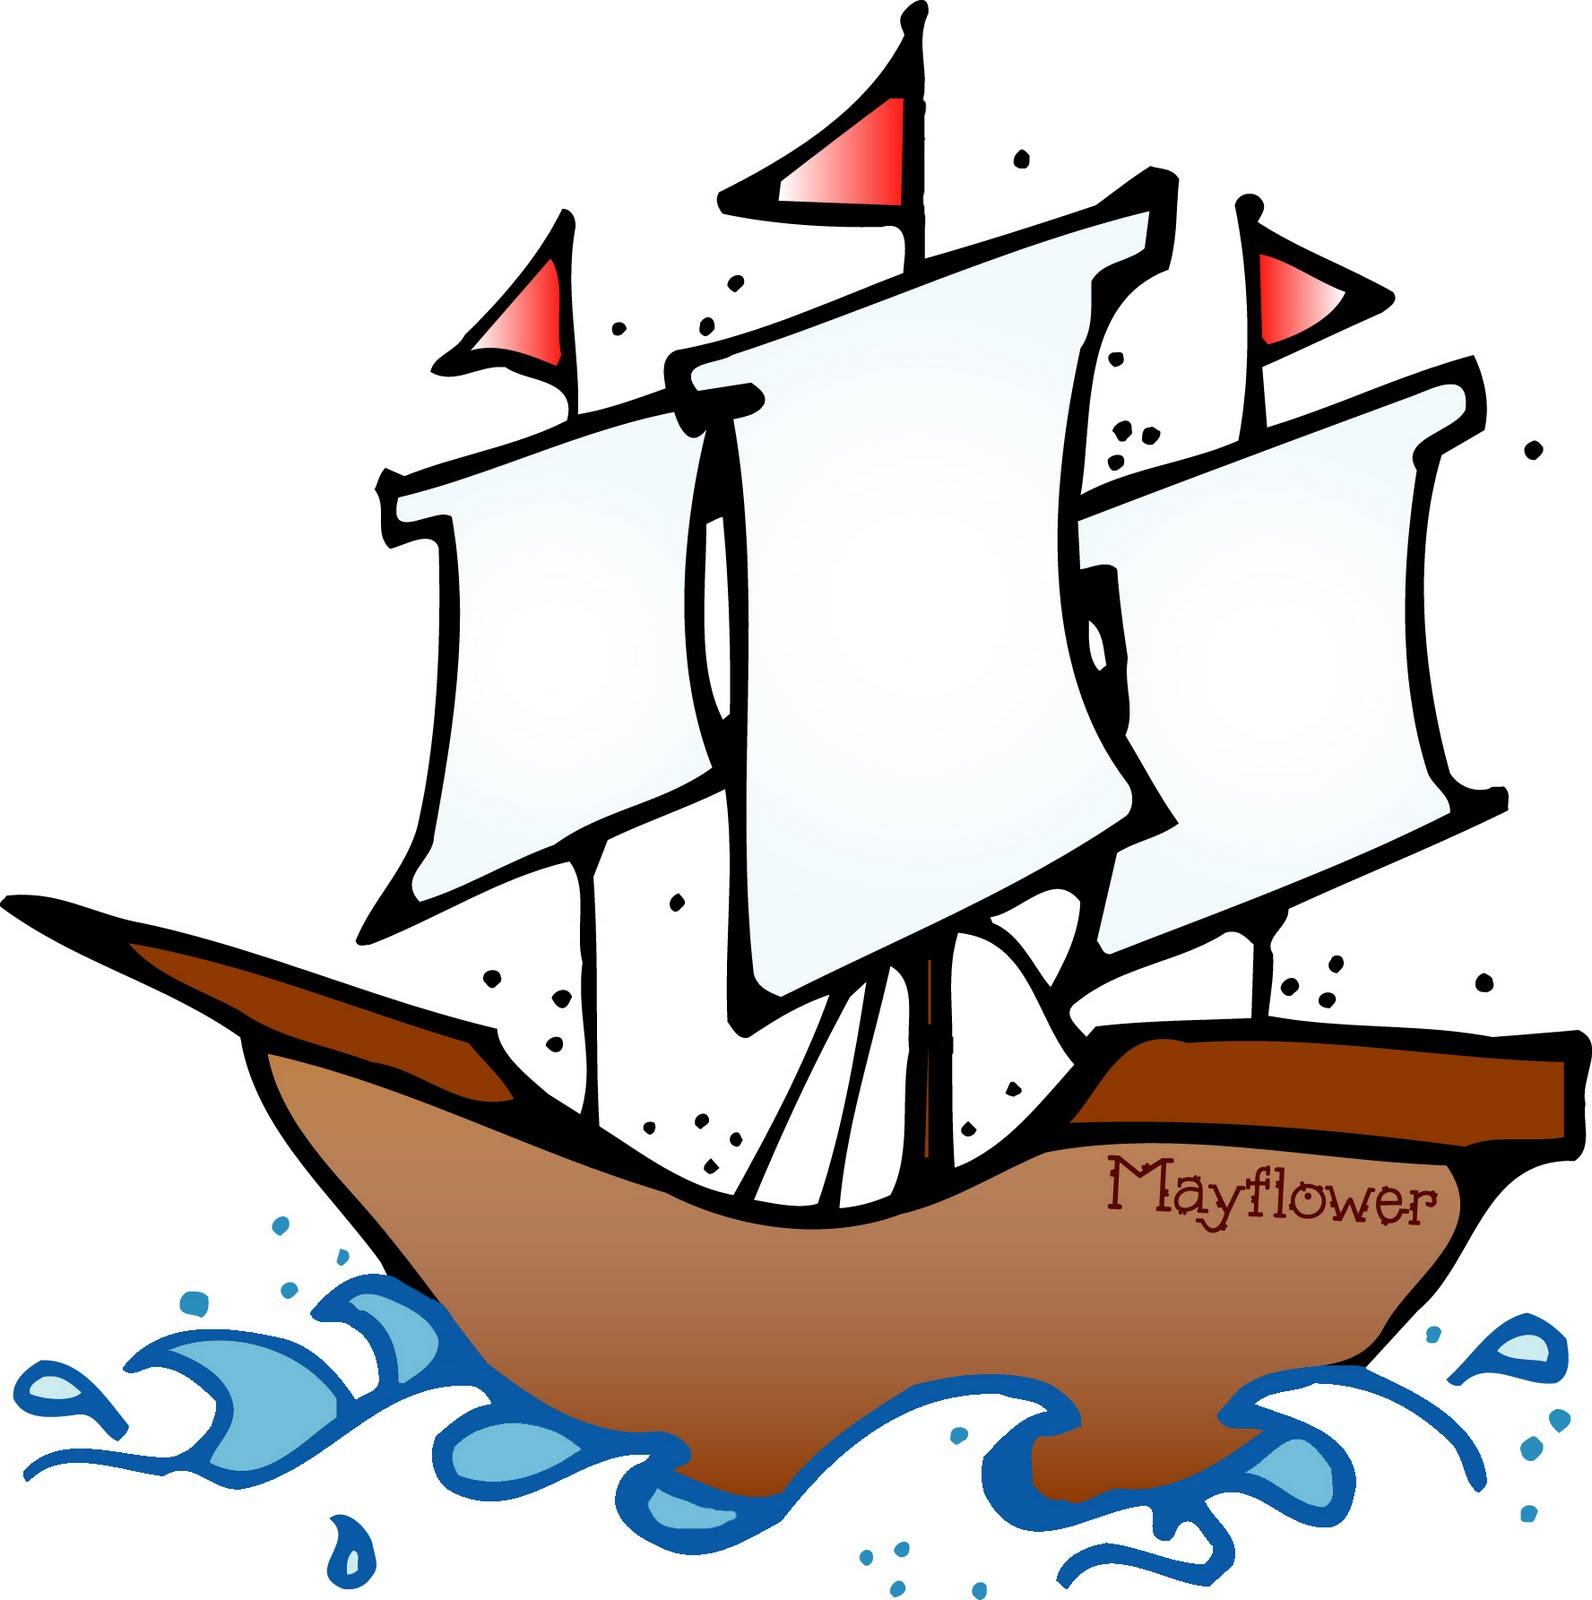 Pix For Mayflower Clipart - Mayflower Clip Art